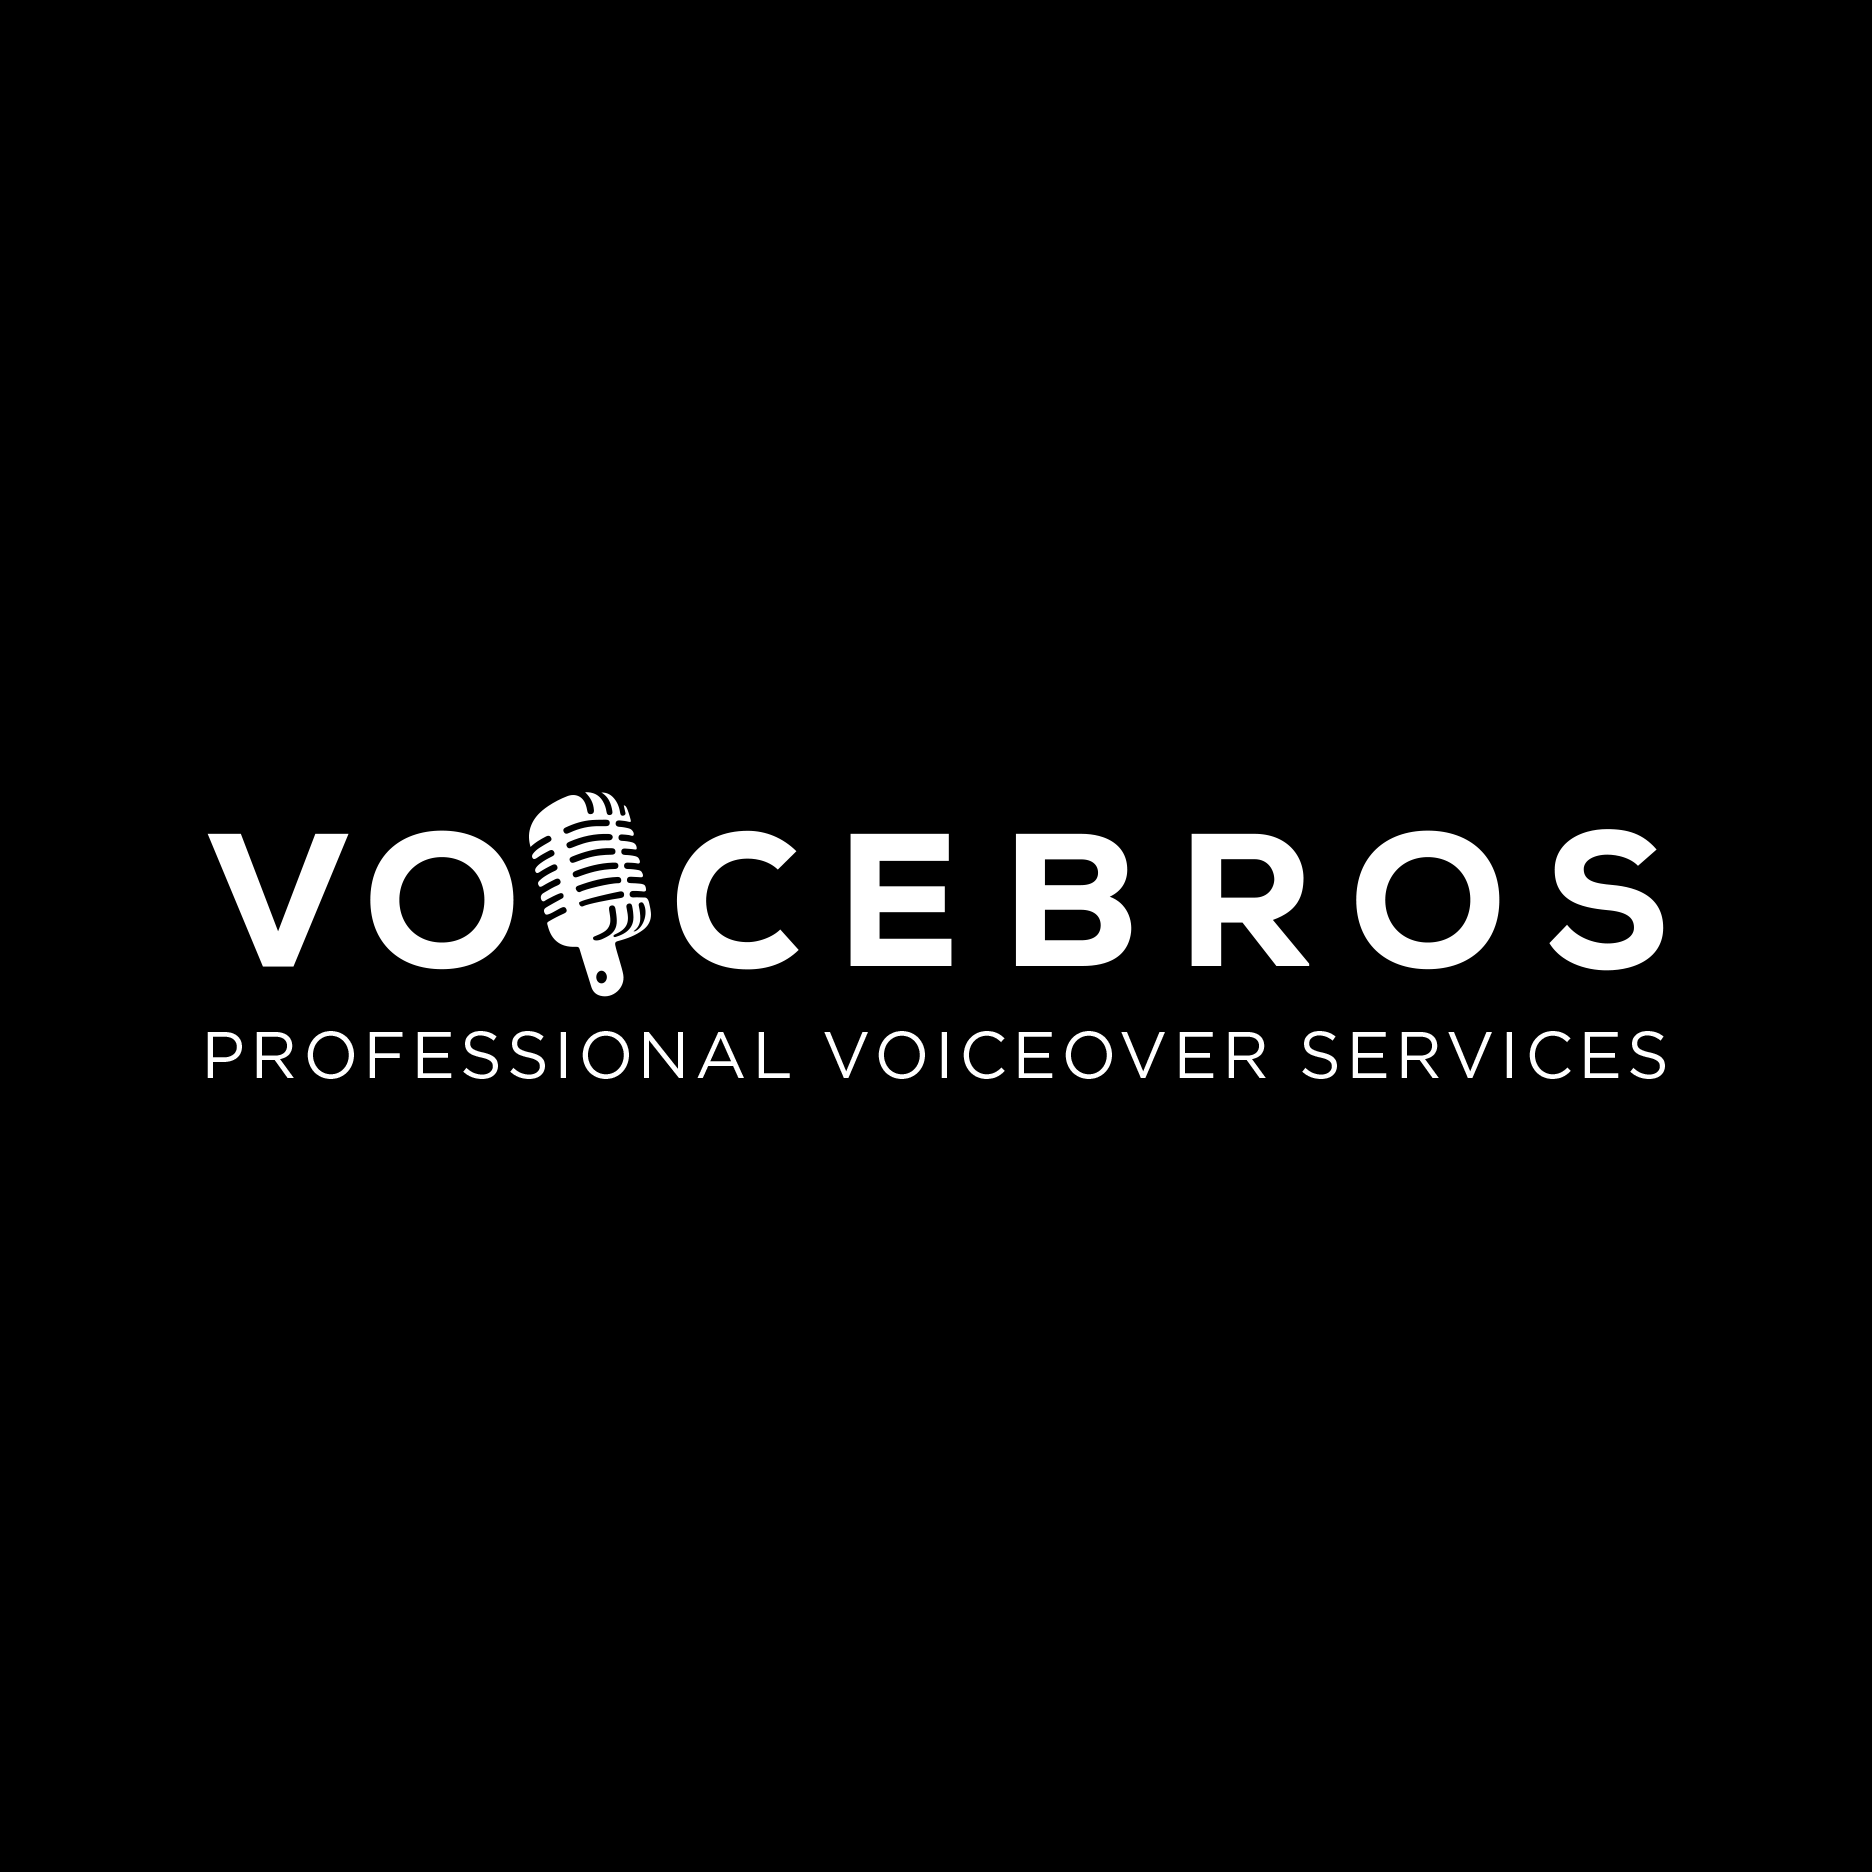 Hugo Alejandro Bejarano is a voice over actor